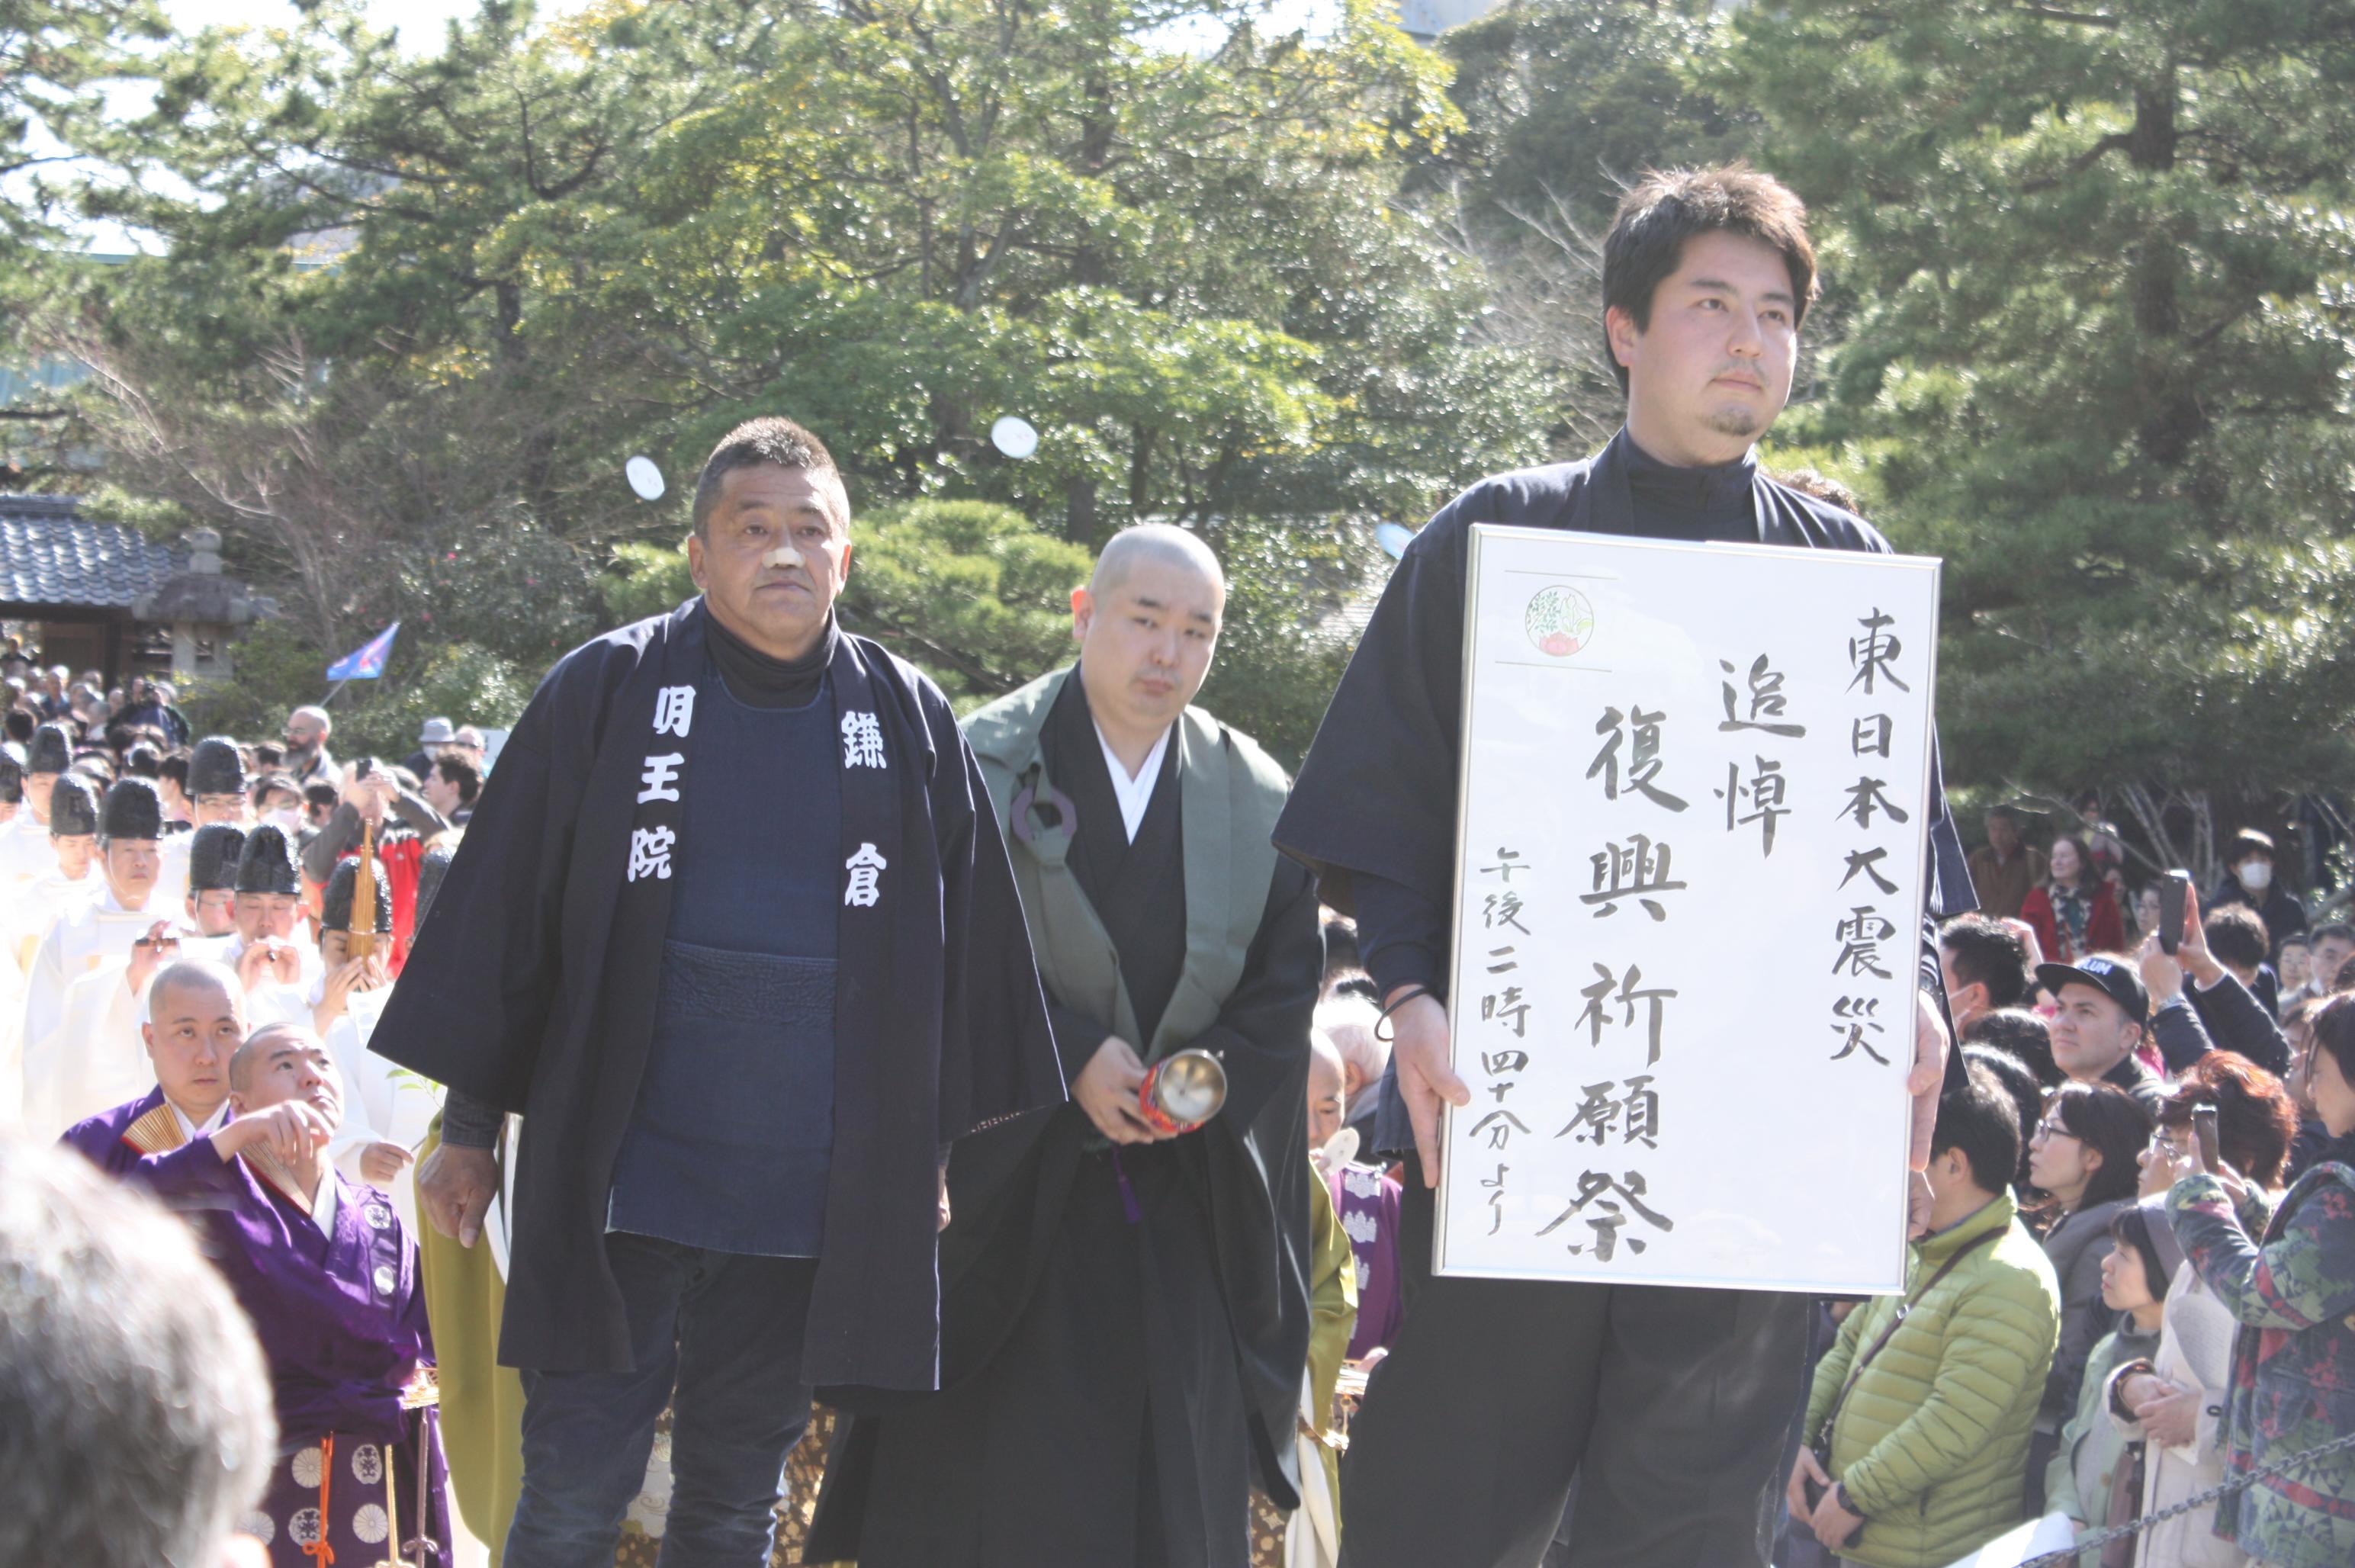 鎌倉大仏殿で東日本大震災追悼・復興祈願祭が行われました